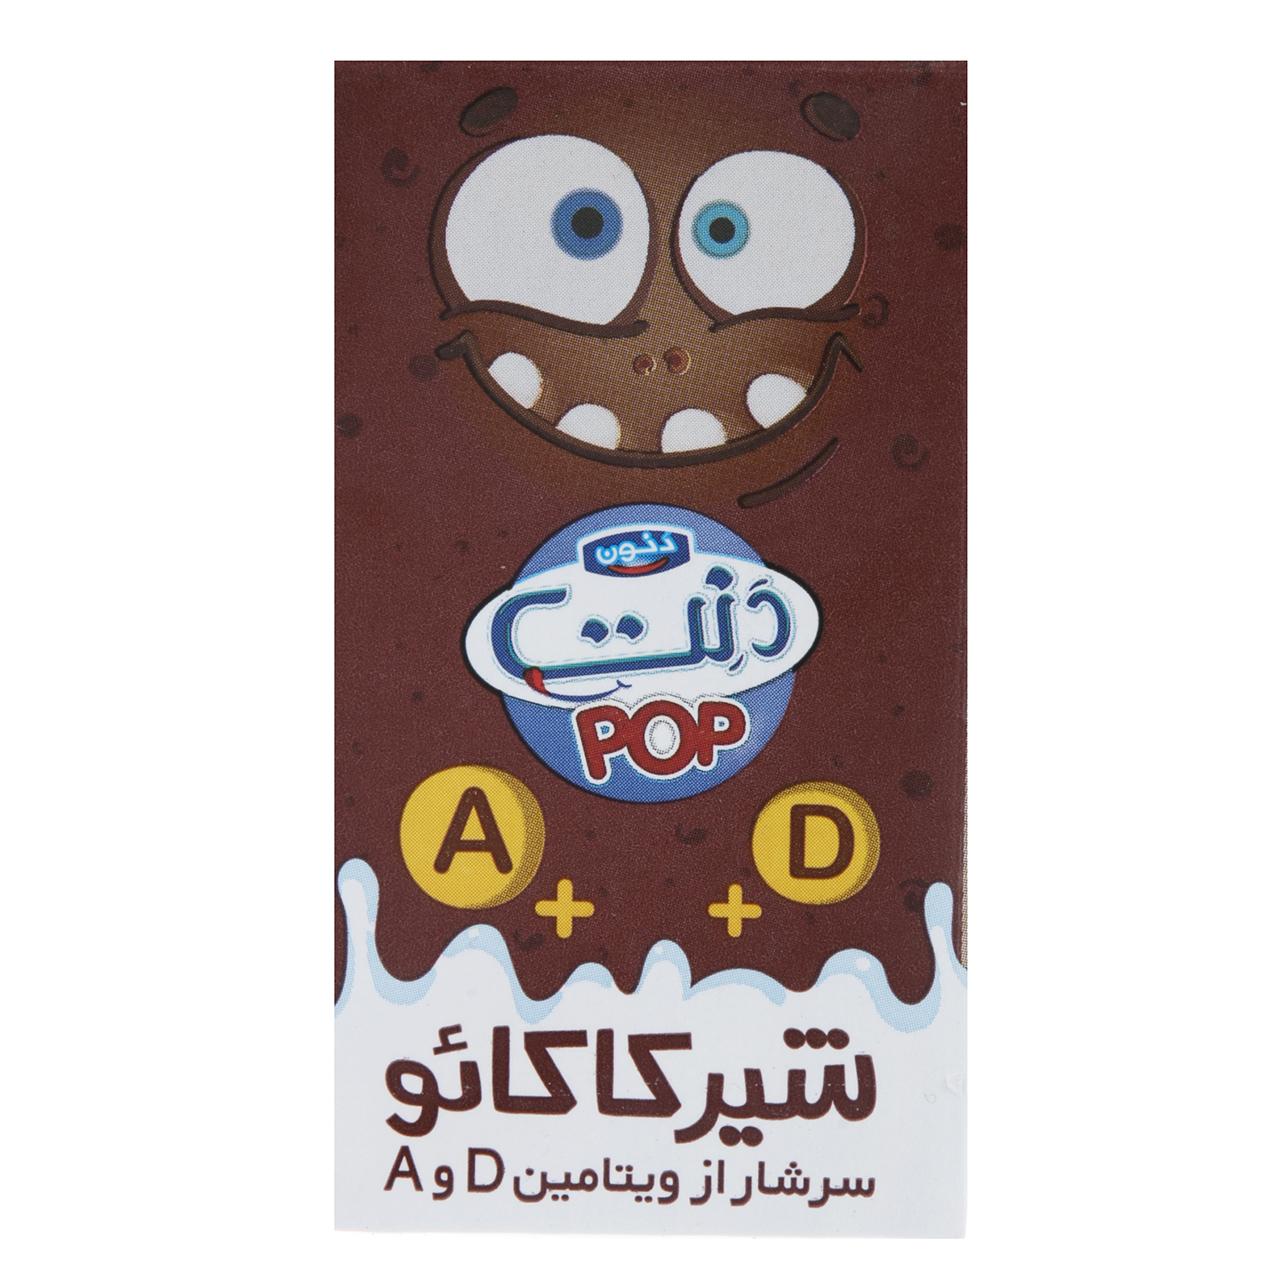 شیر کاکائو دنت پاپ  حجم 0.125 لیتر